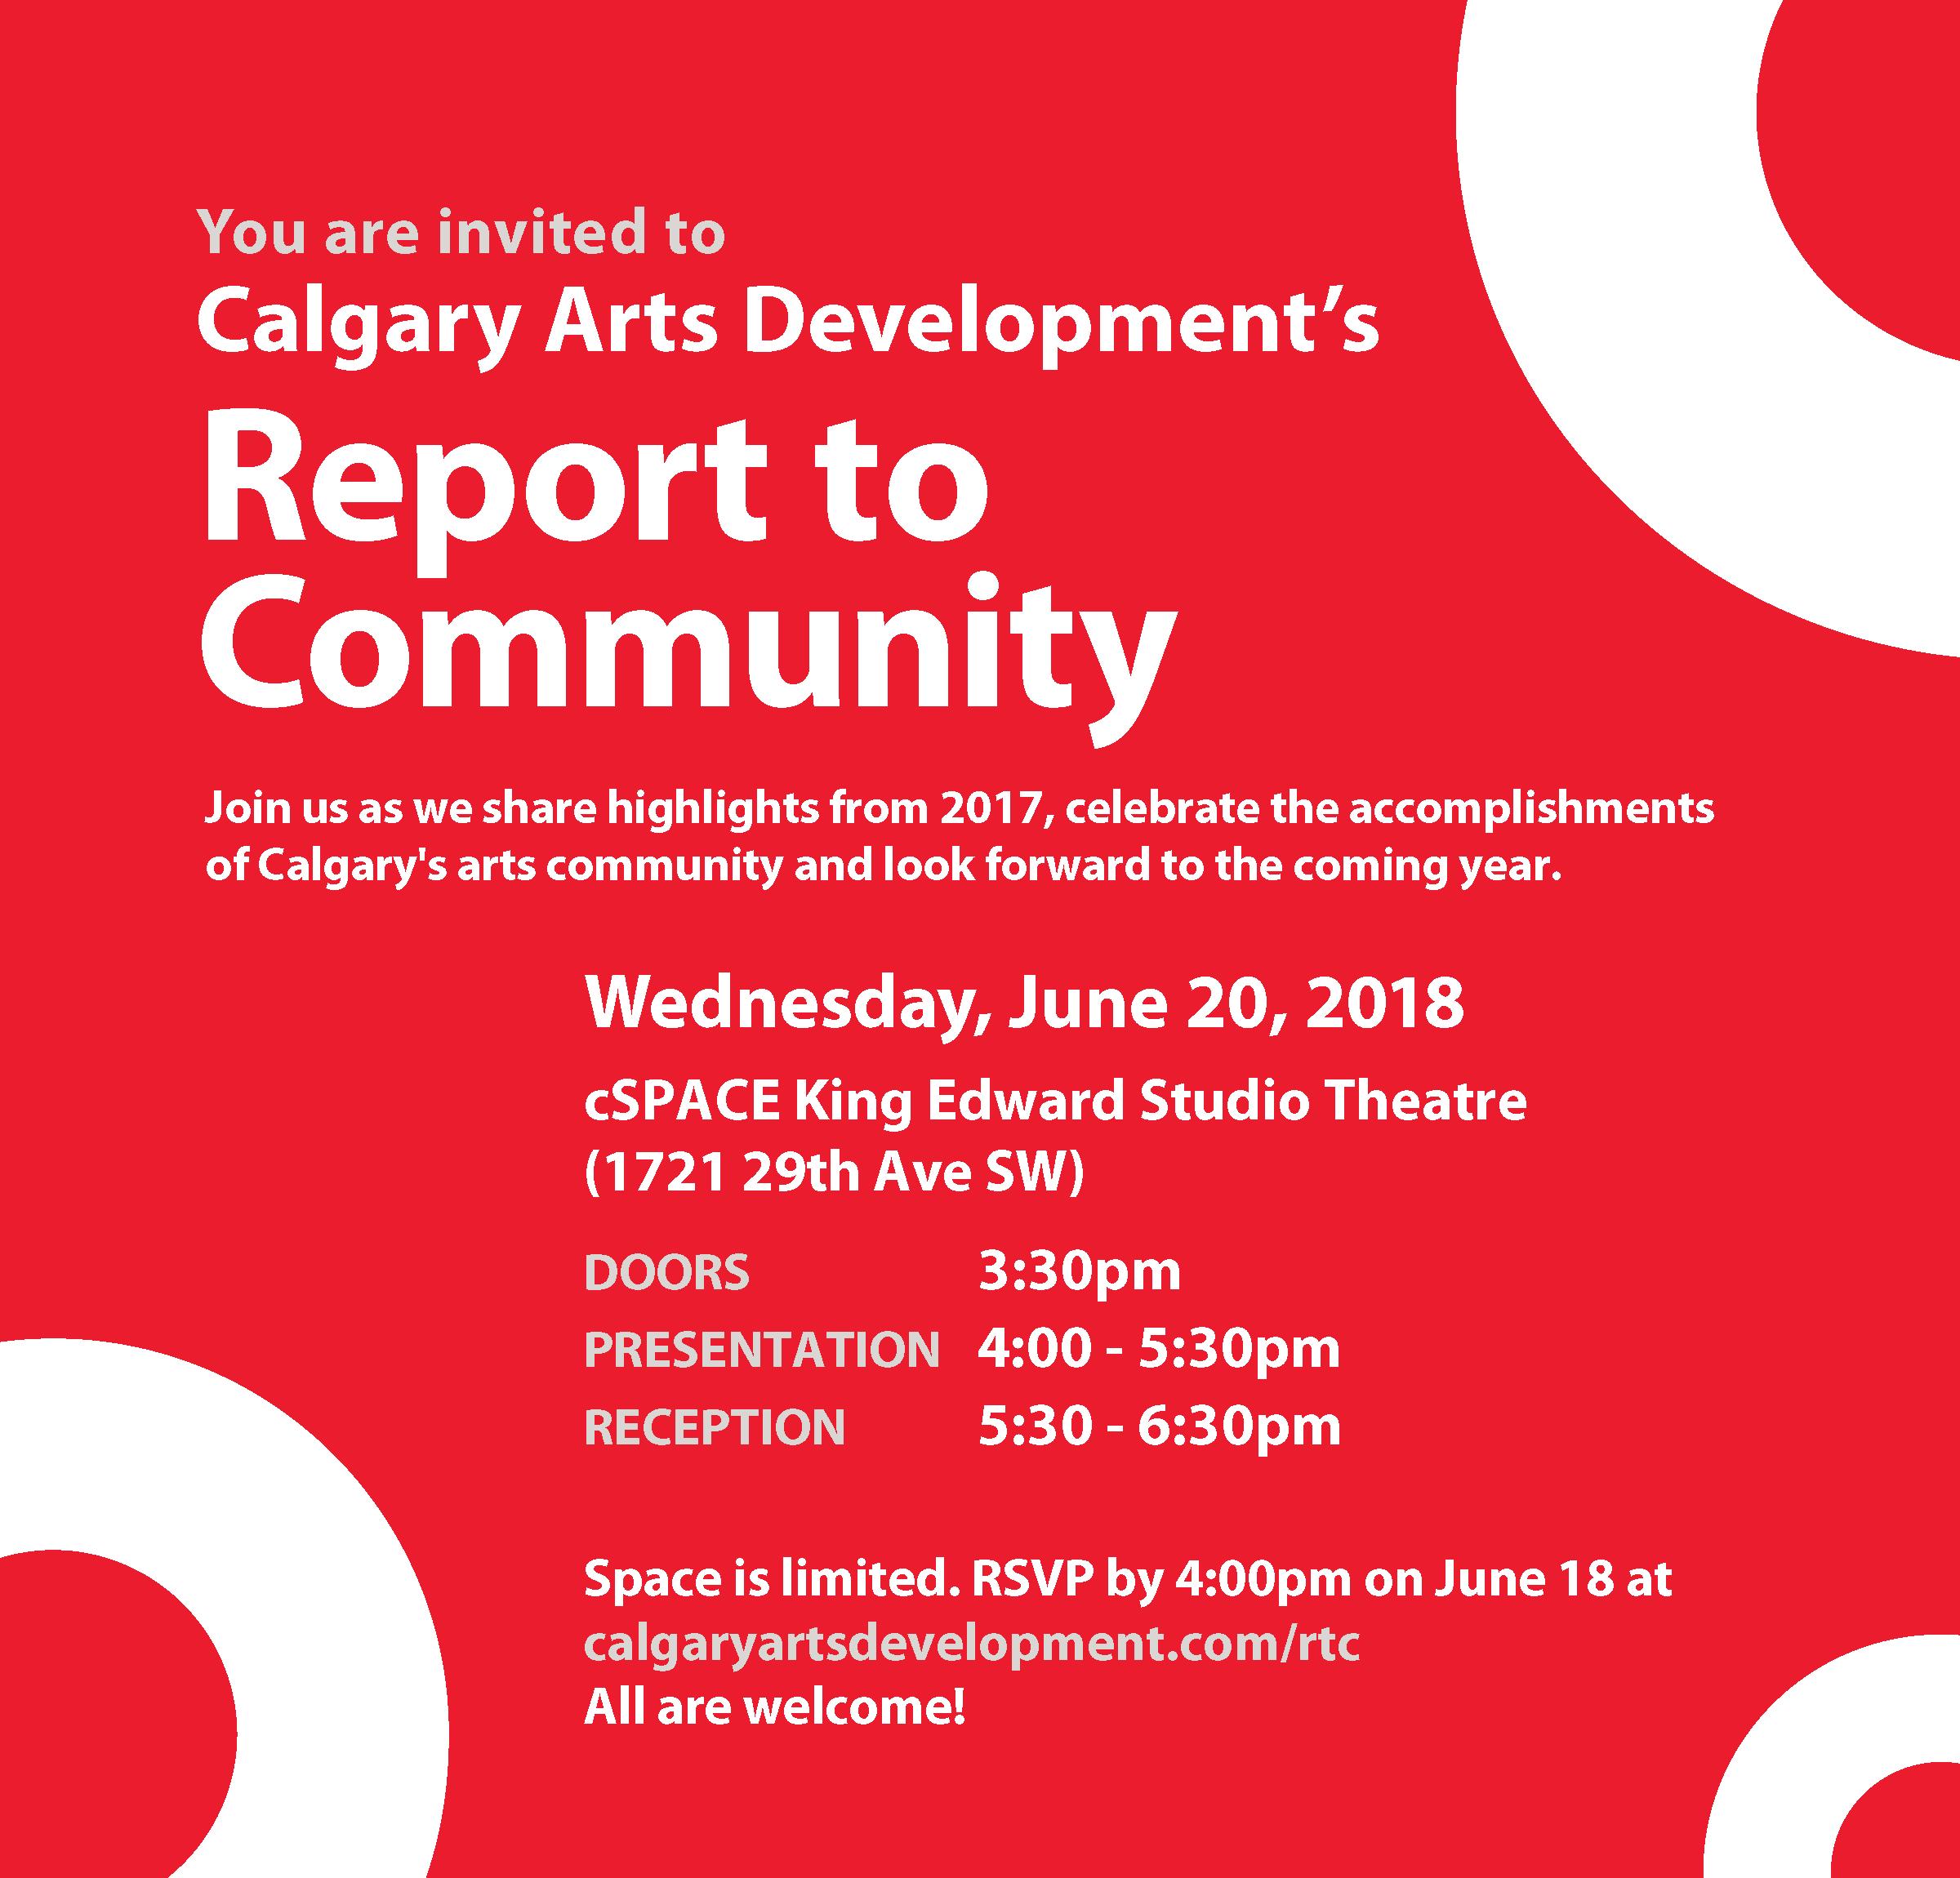 Report to Community 2018 Invite